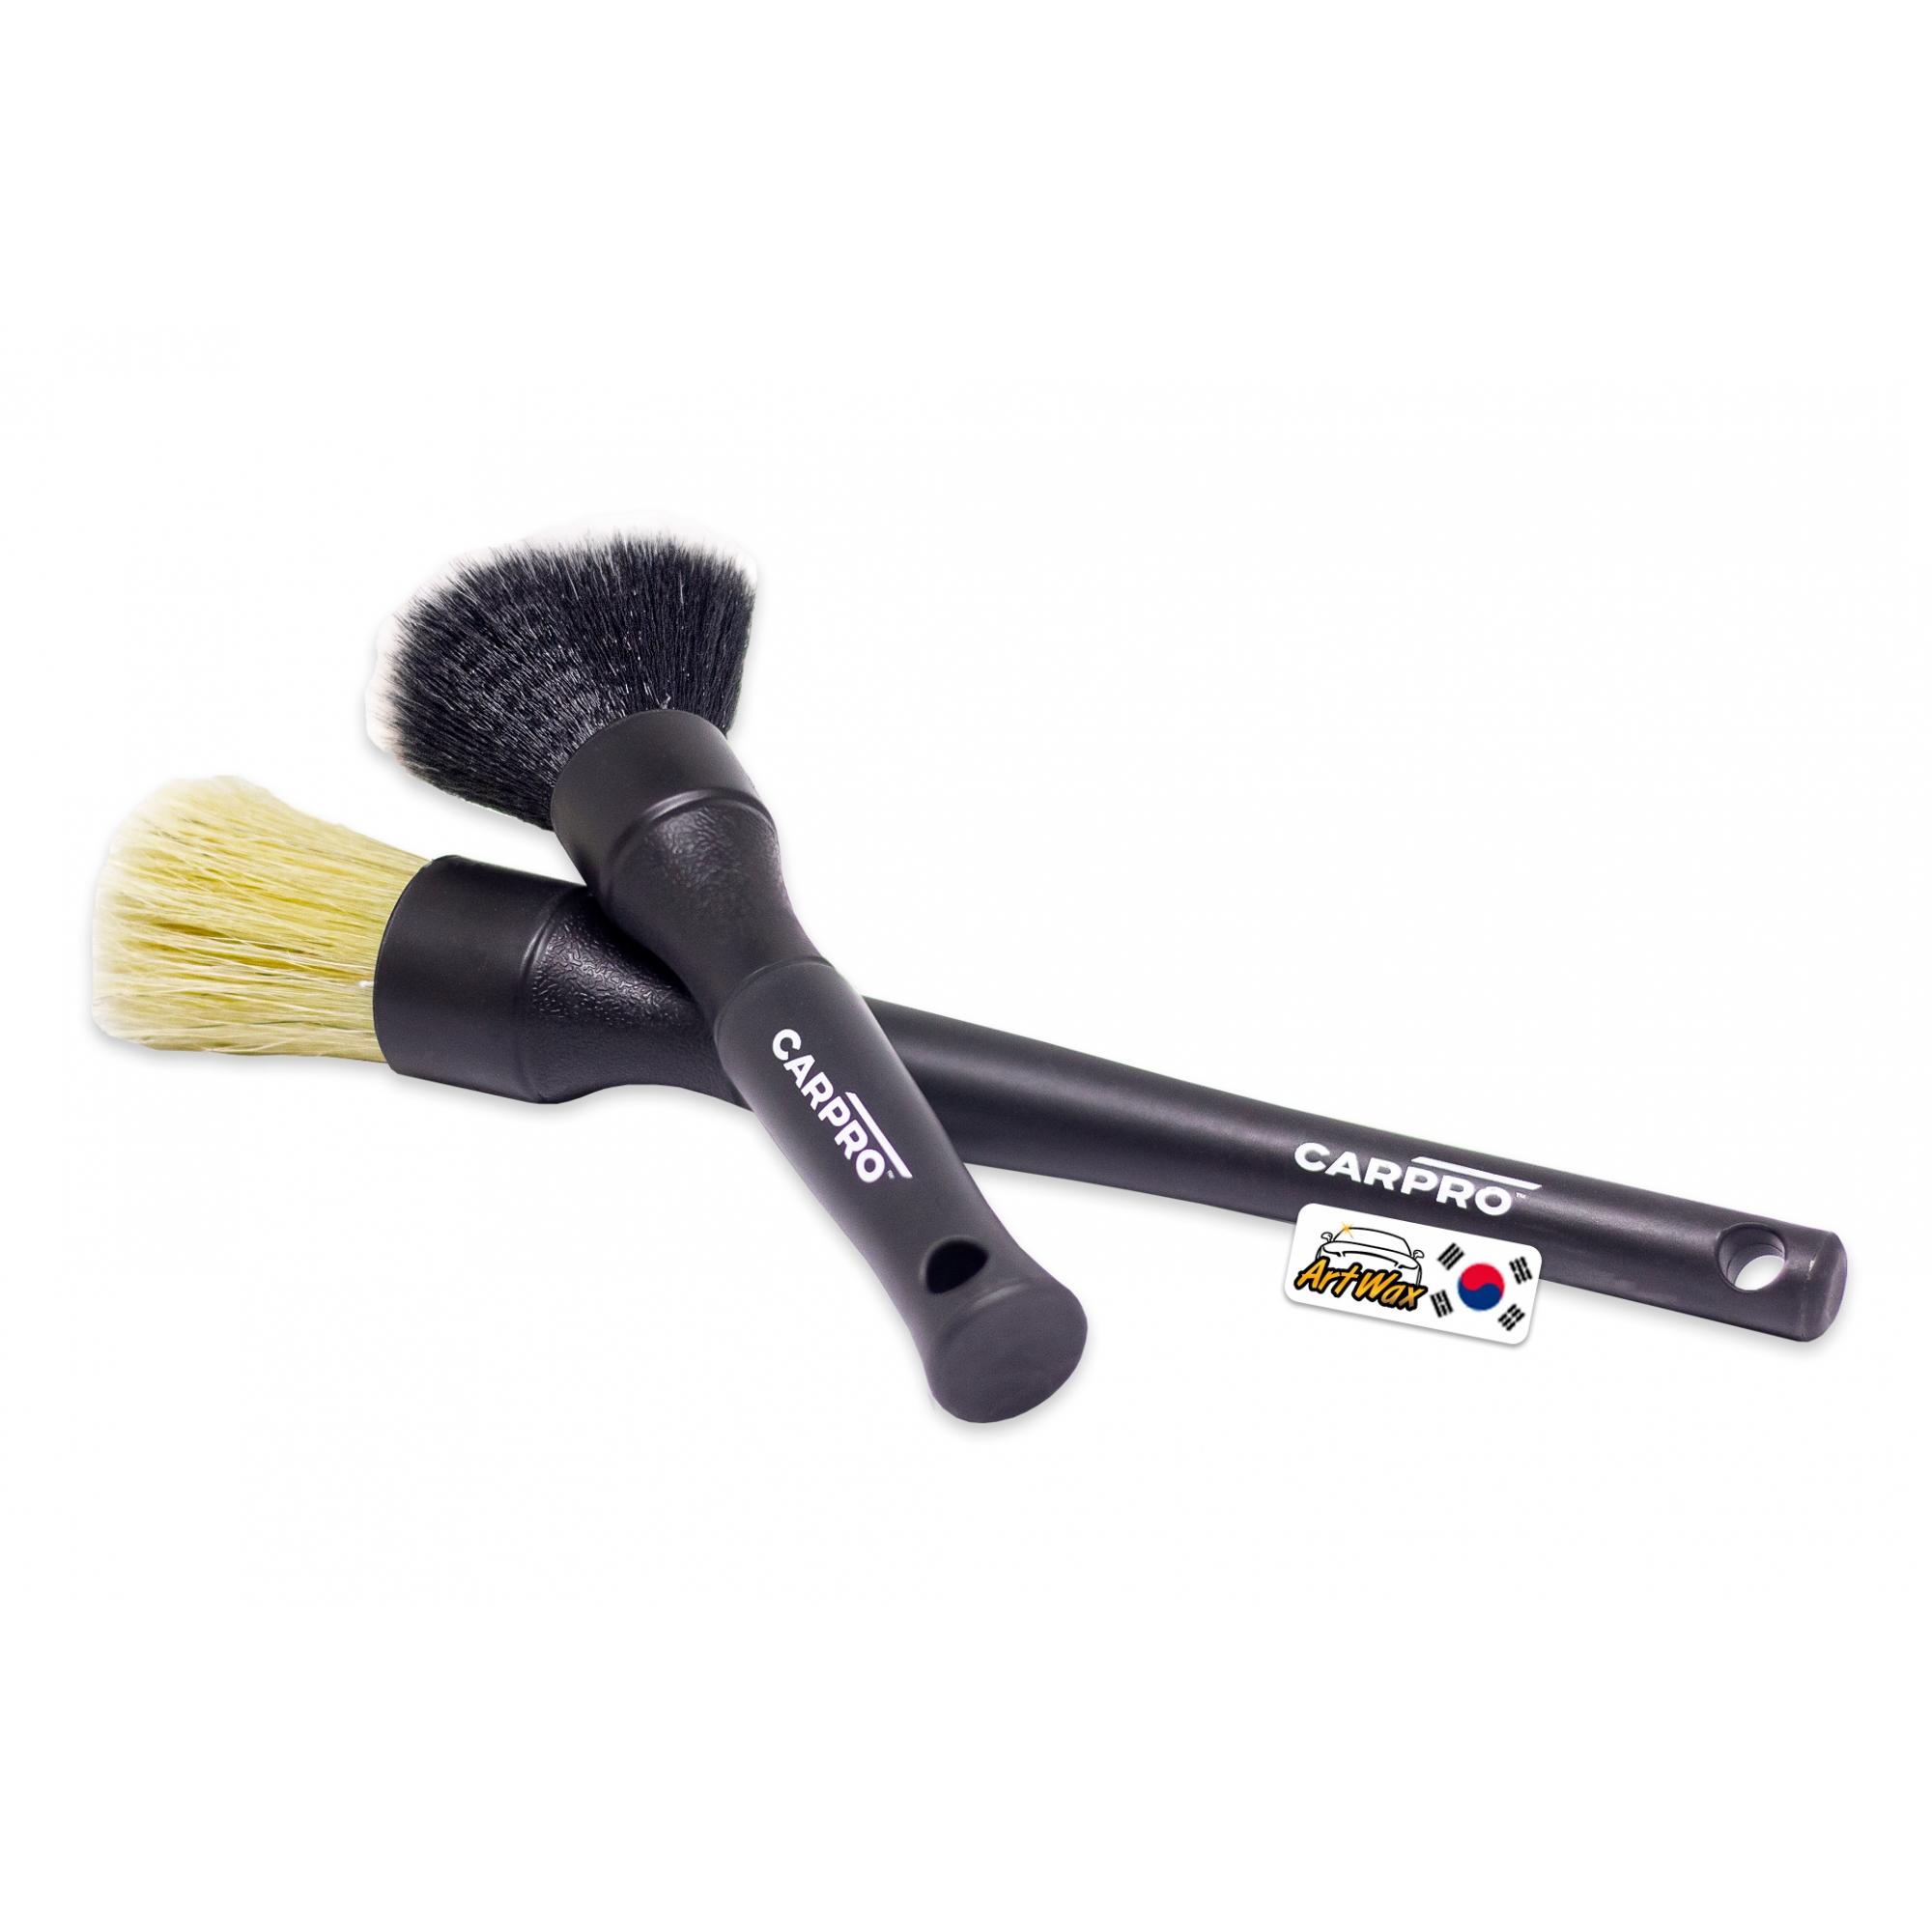 Carpro Detailing Brush 2un - Cerda Natural de Javali e Nylon Sintético